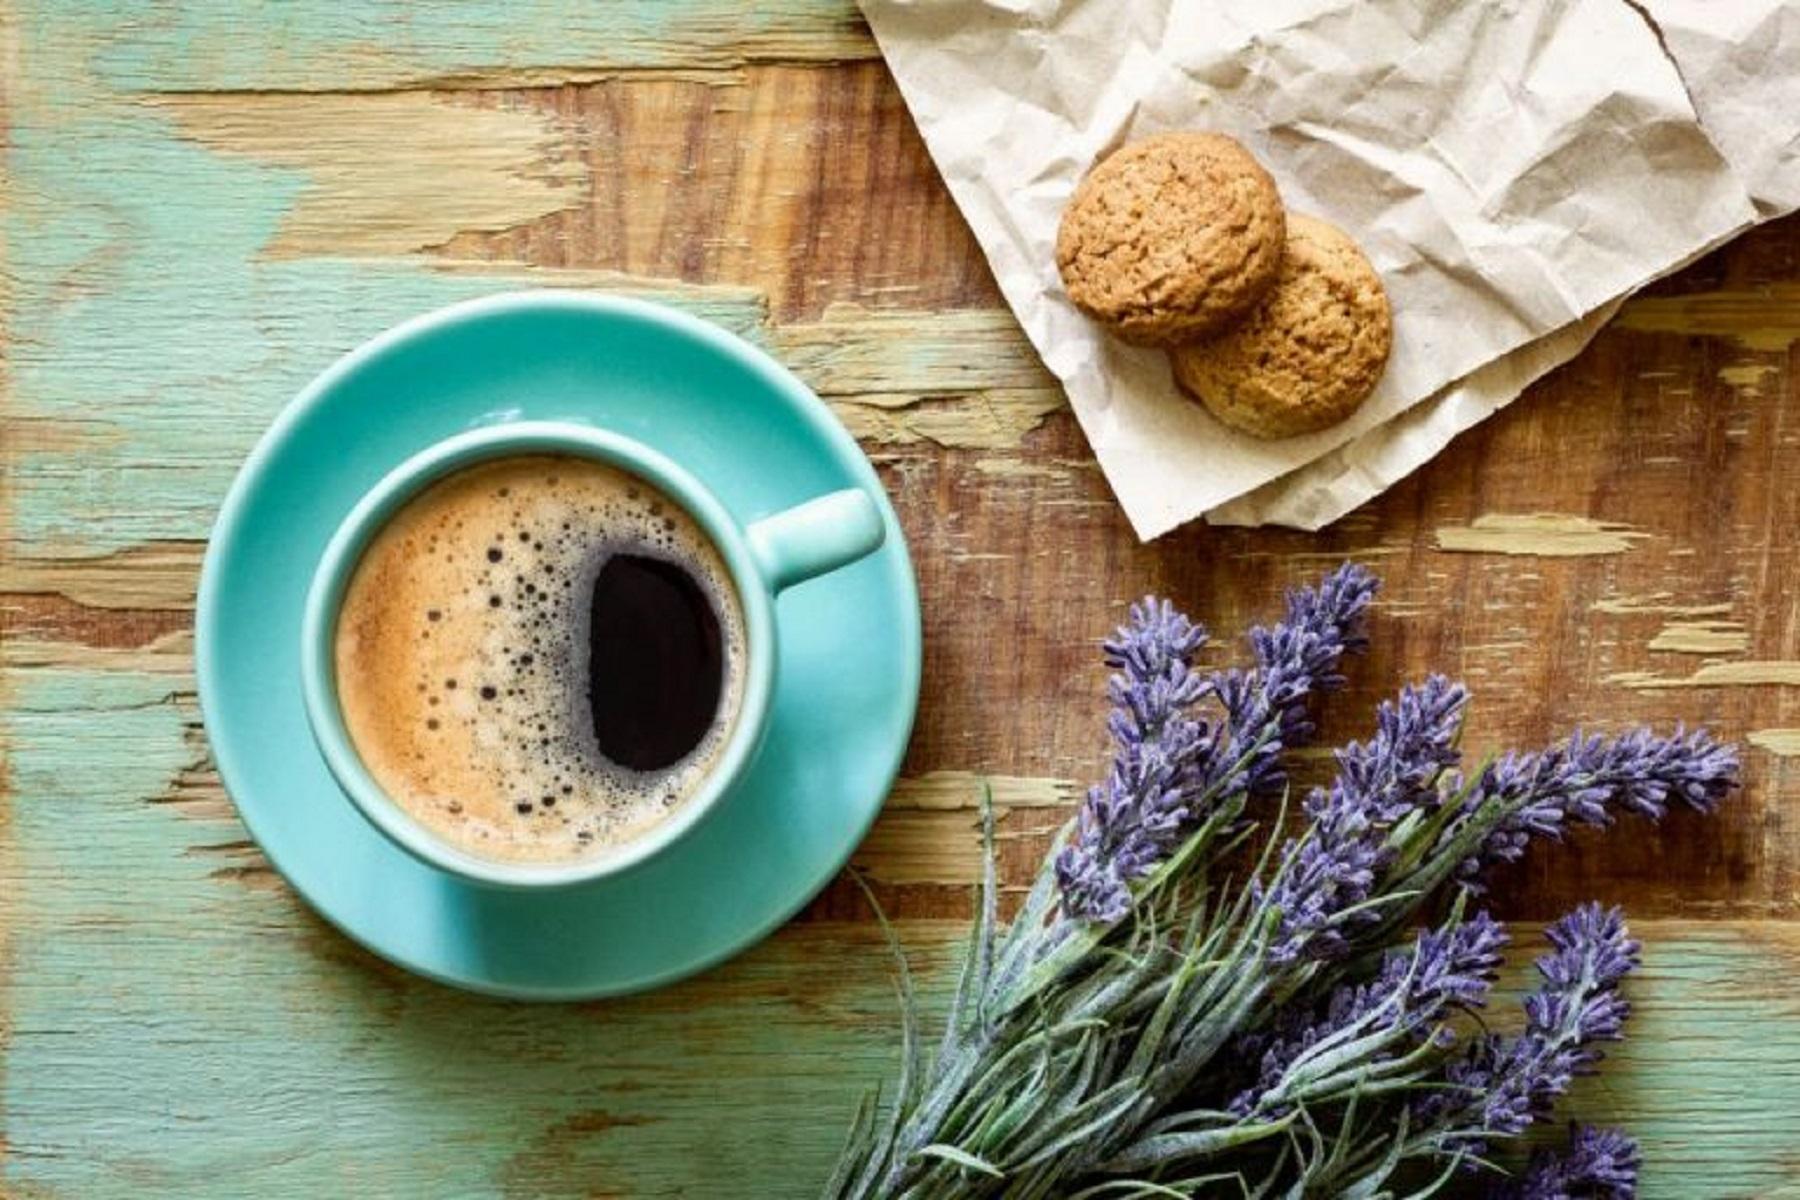 Καφές Καρδιά: Η κατανάλωση καφεϊνούχου καφέ σχετίζεται με μειωμένο κίνδυνο καρδιακής ανεπάρκειας